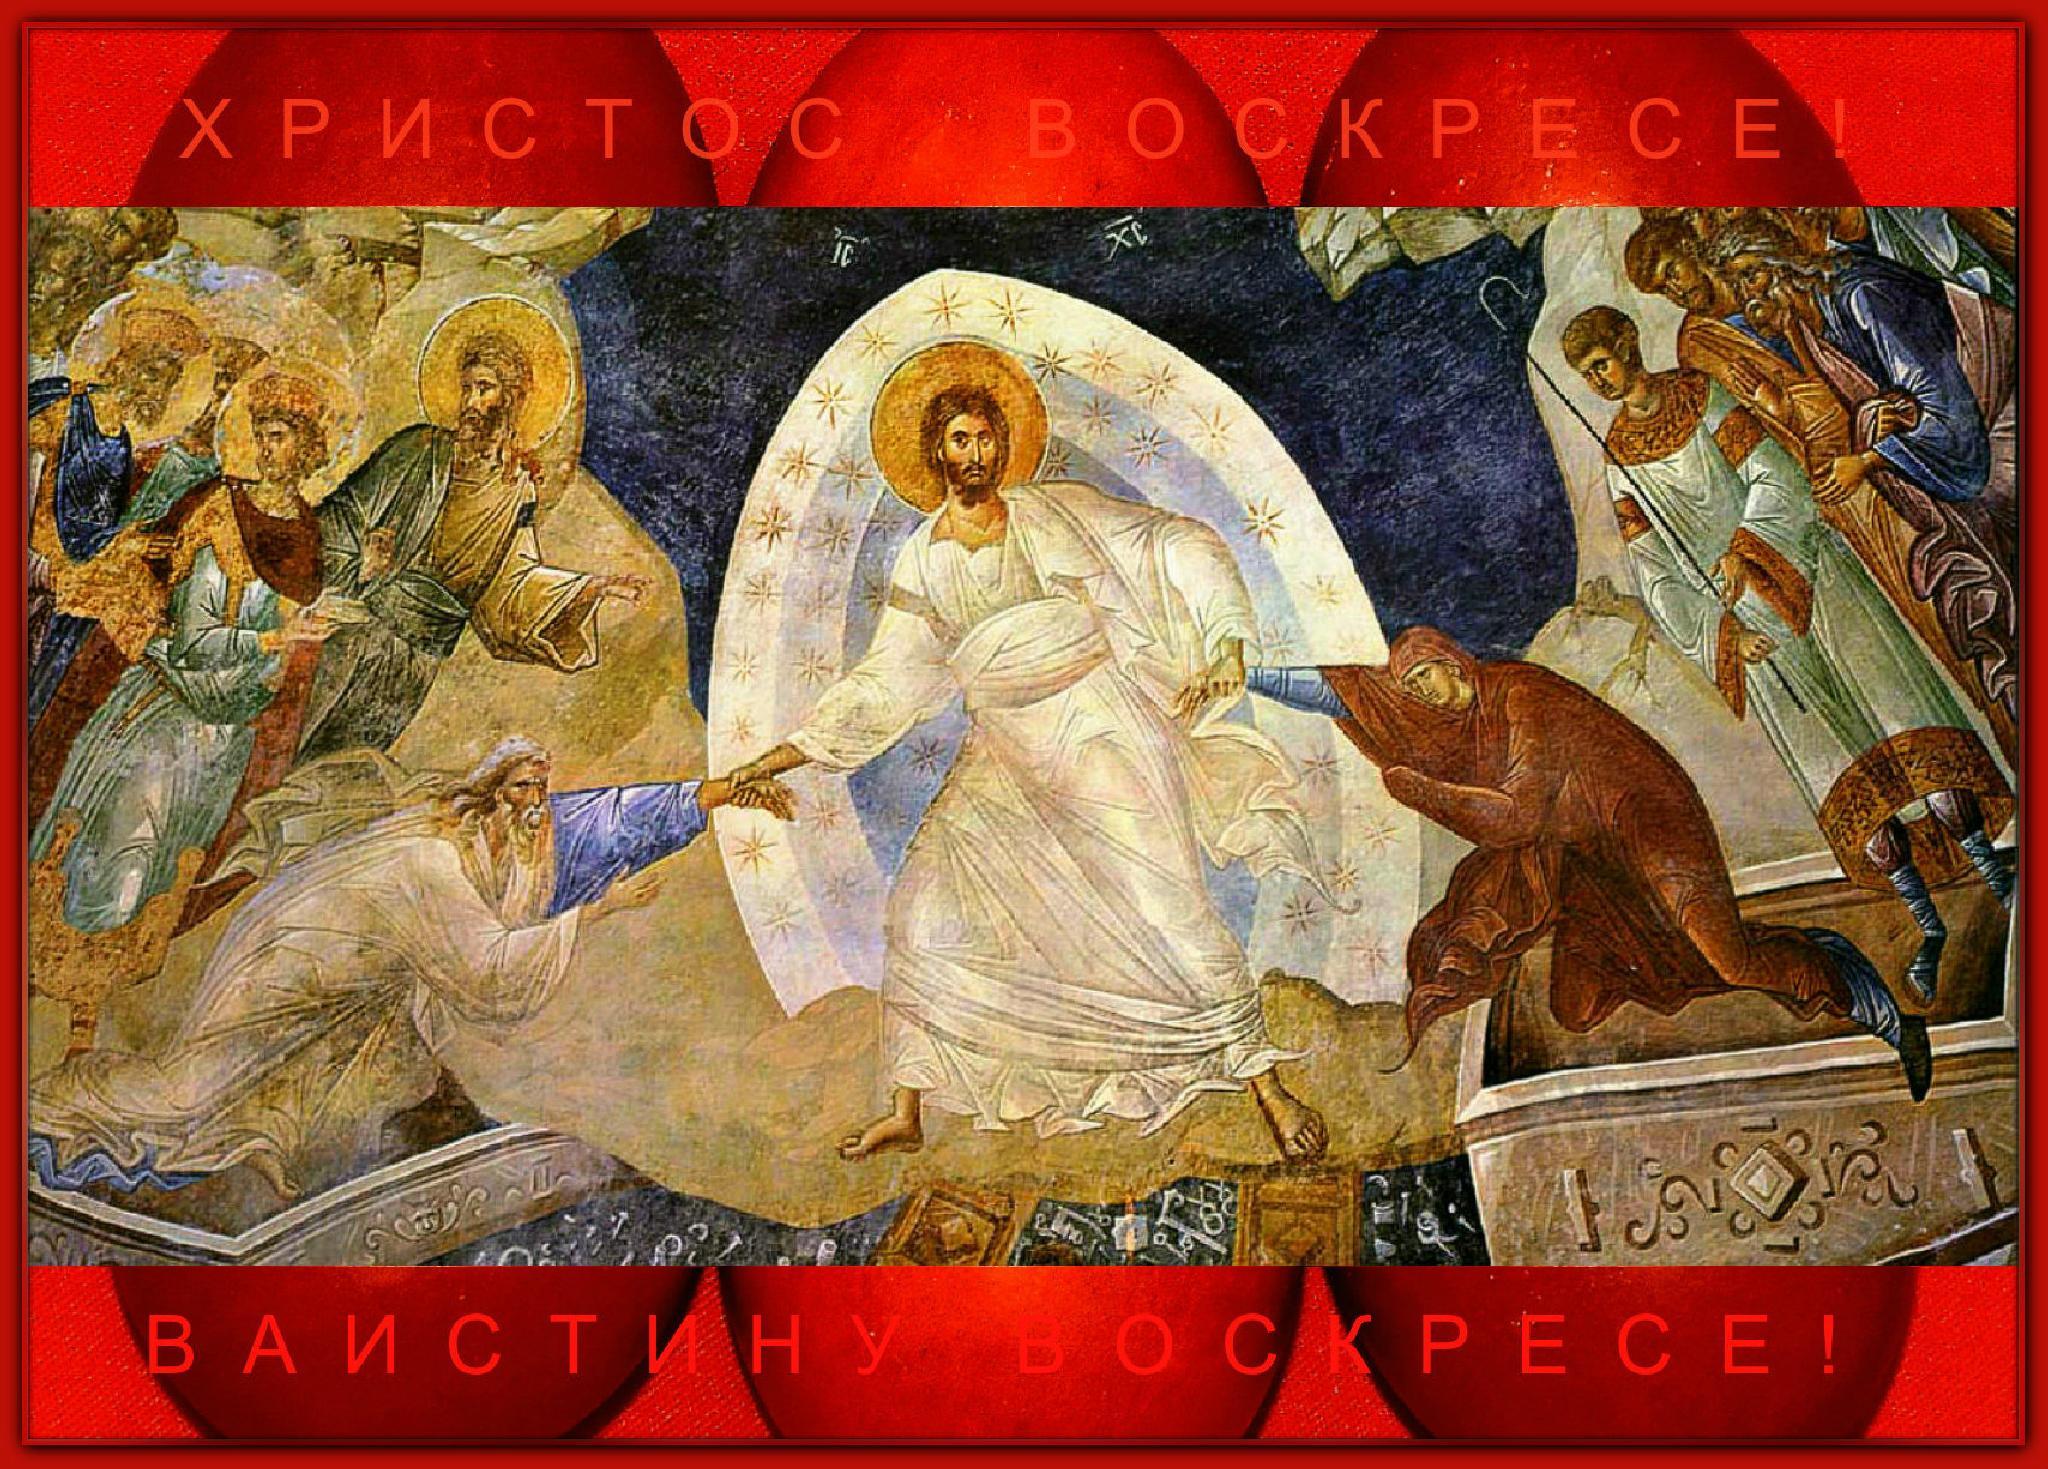 ХРИСТОС ВОСКРЕСЕ!  ~ ВАИСТИНУ ВОСКРЕСЕ ! by Драгана М. Реџић